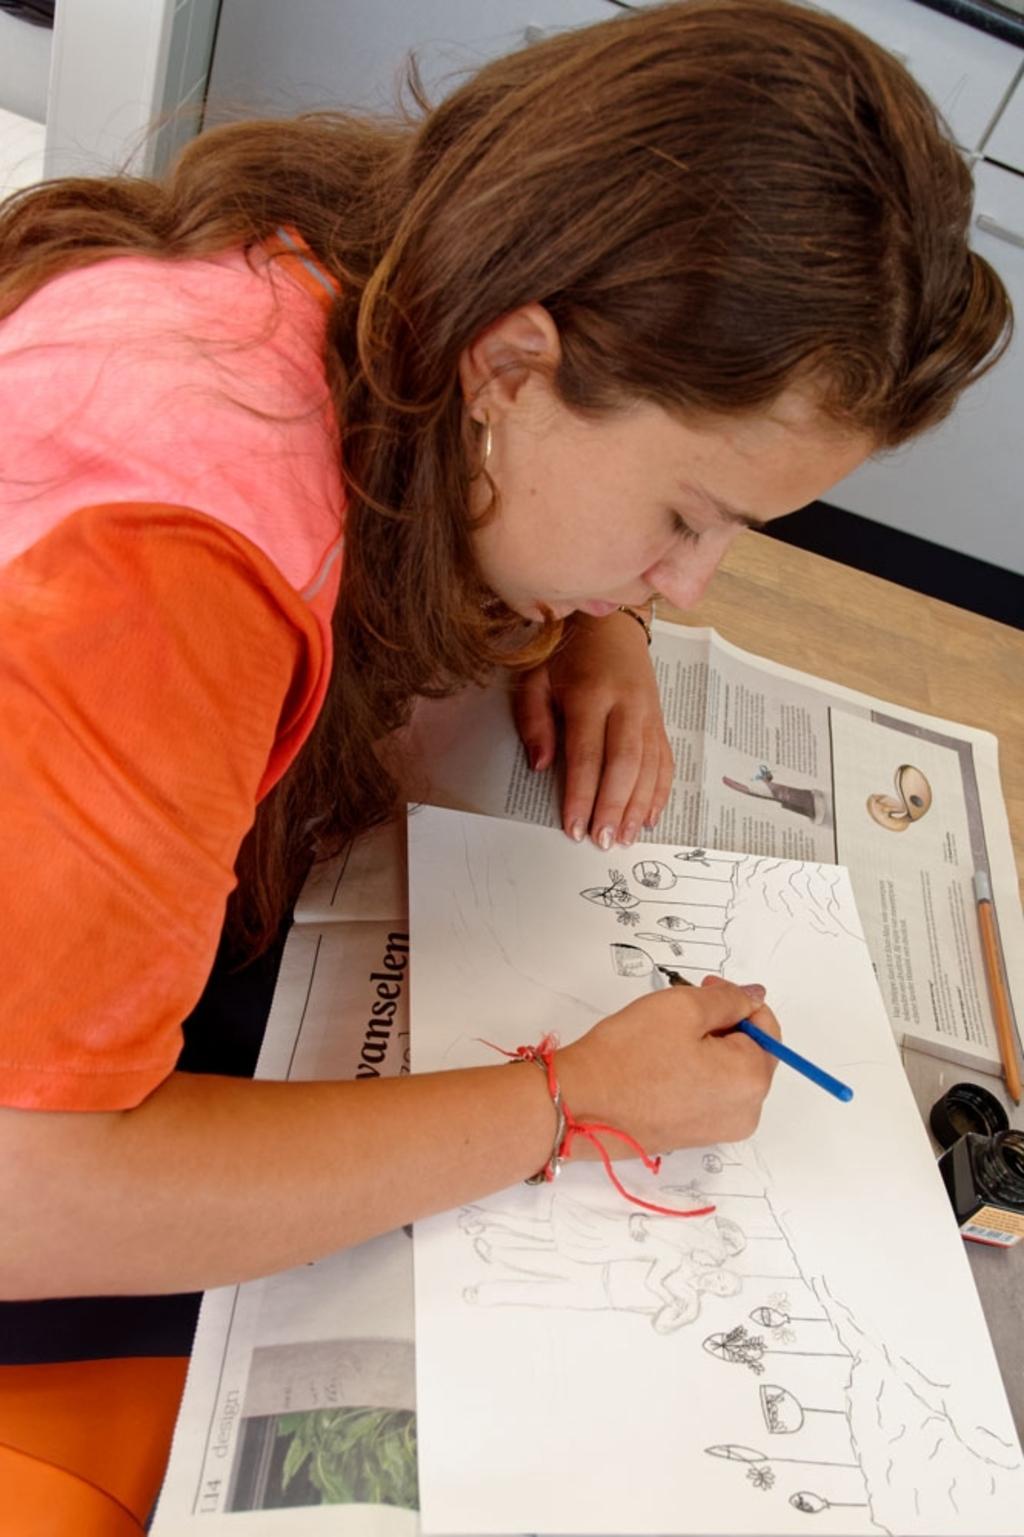 Eva vindt het leuk om samen met een groep te tekenen. Lex Heijtveldt © hbnieuws